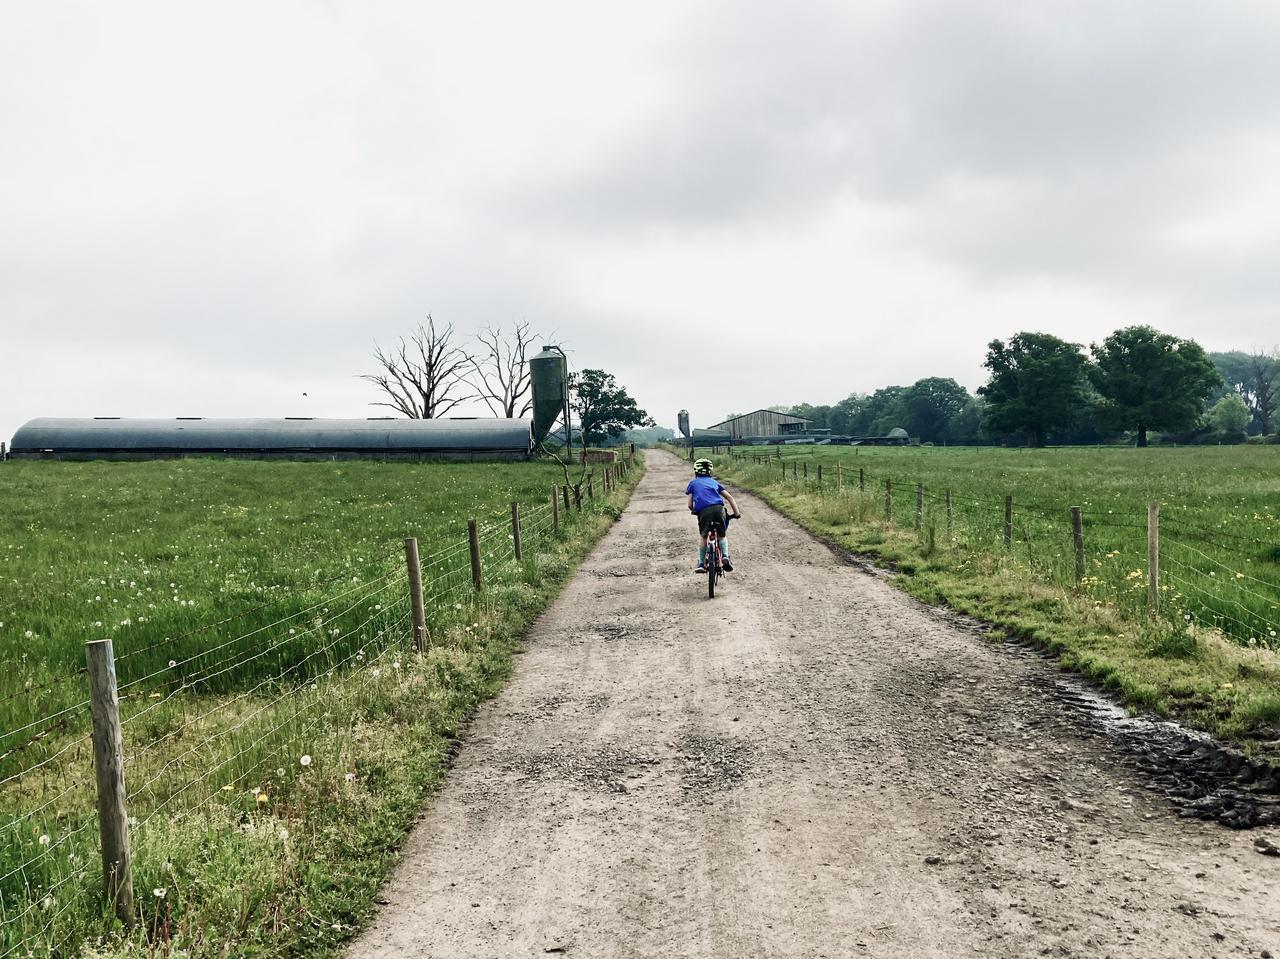 A child in a blue t-shirt rides a bike away down a farm track